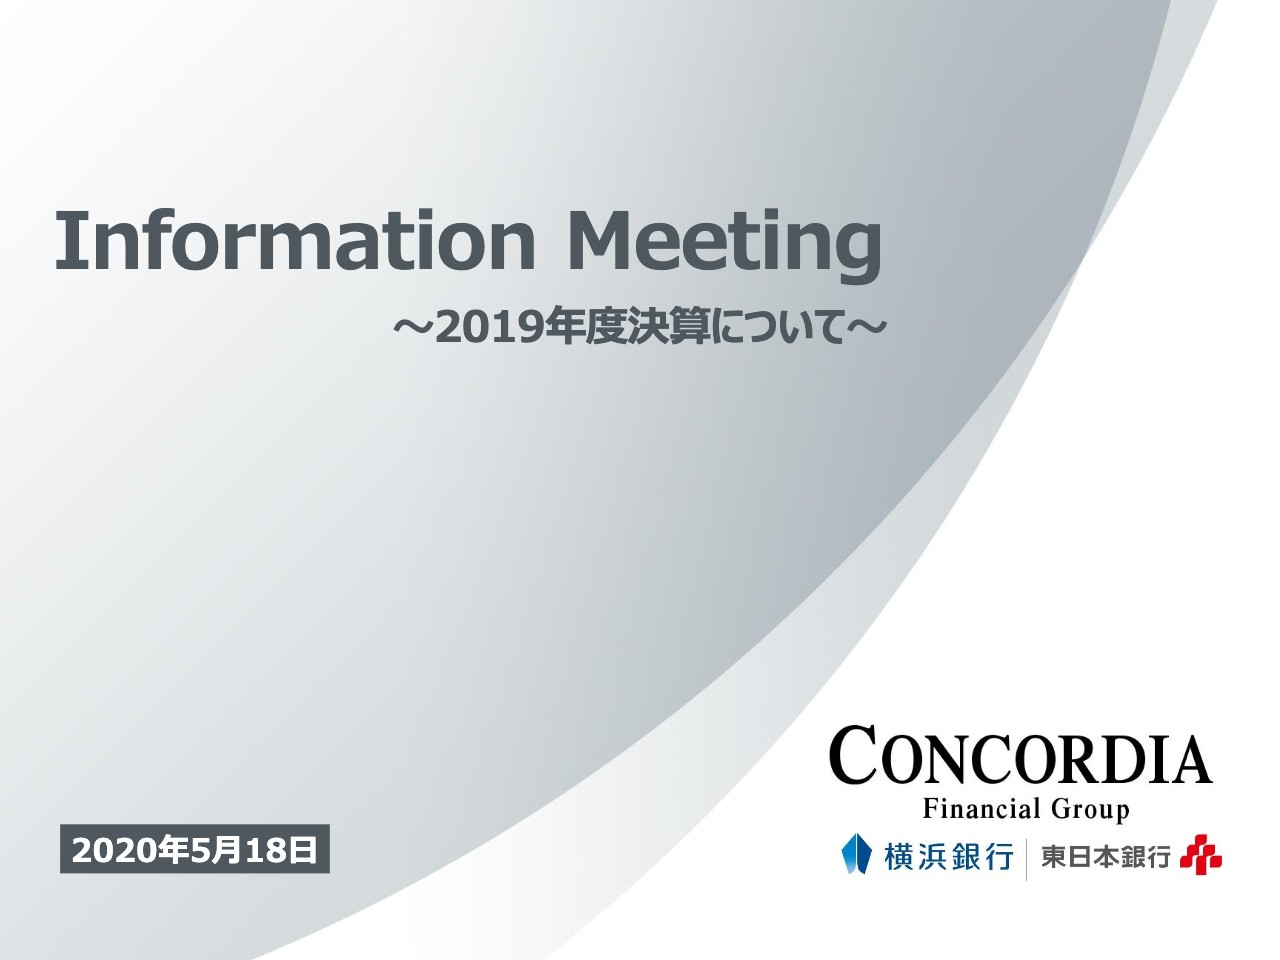 コンコルディア FG、2行合算の業務粗利益は前年度比9億円減 東日本銀行の貸出金利息減少が影響